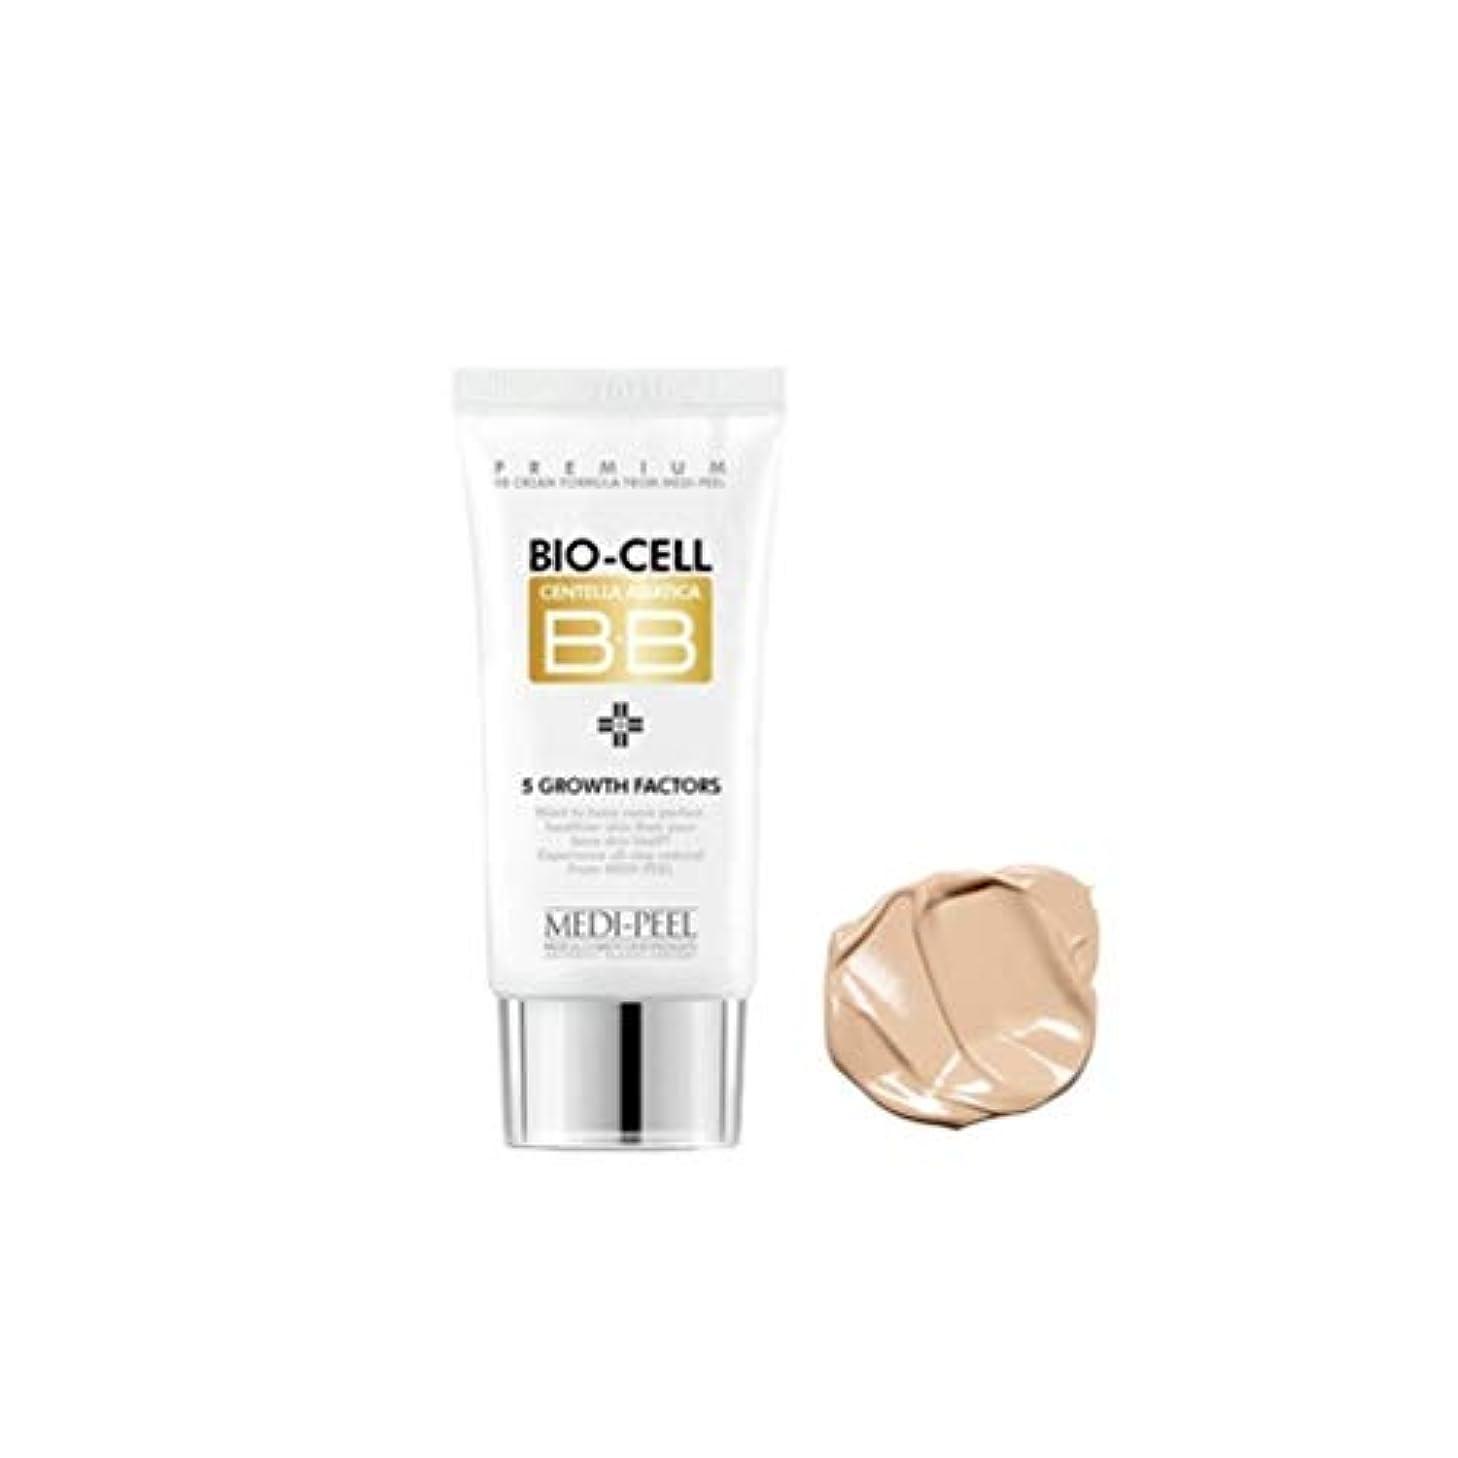 労働憧れ更新[Medi-Peel] メディピール バイオセル BBクリーム 50ml. [美.白?シワ.改善2重機能性化粧品] Medi-Peel Bio-cell BB Cream 50ml.